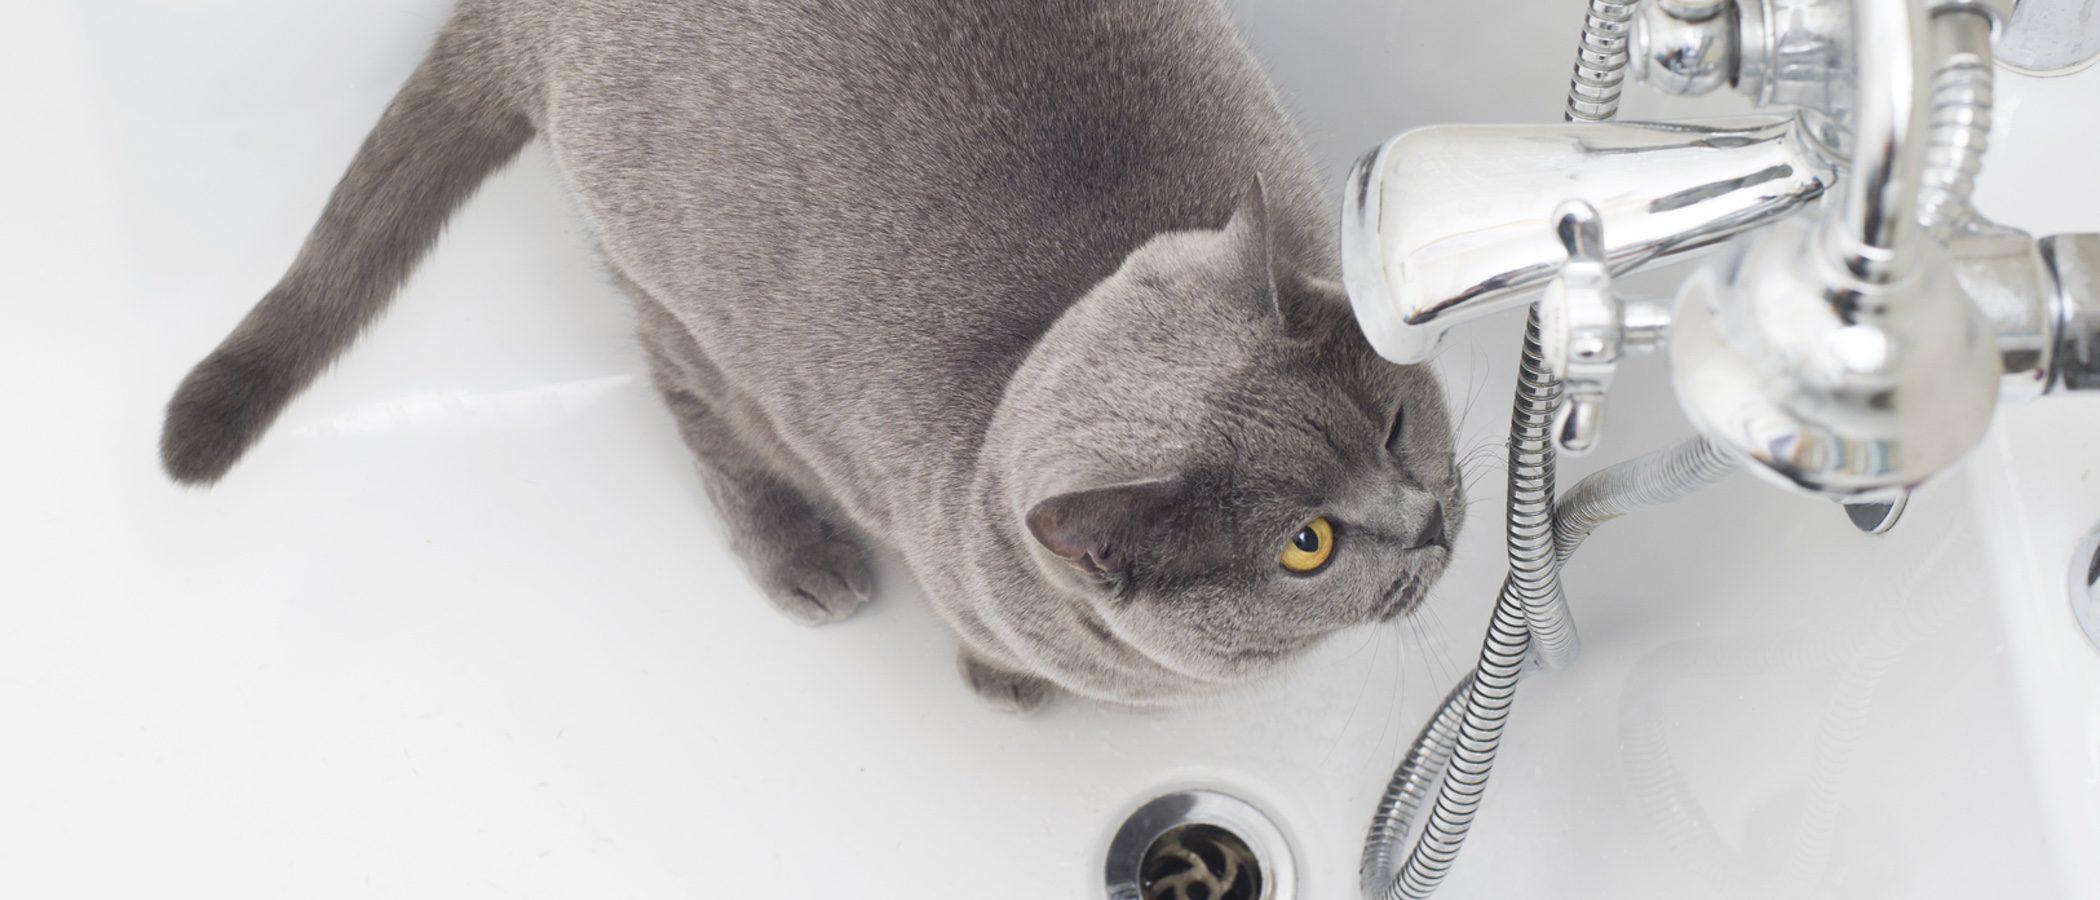 Claves para escoger el champú más adecuado para tu gato